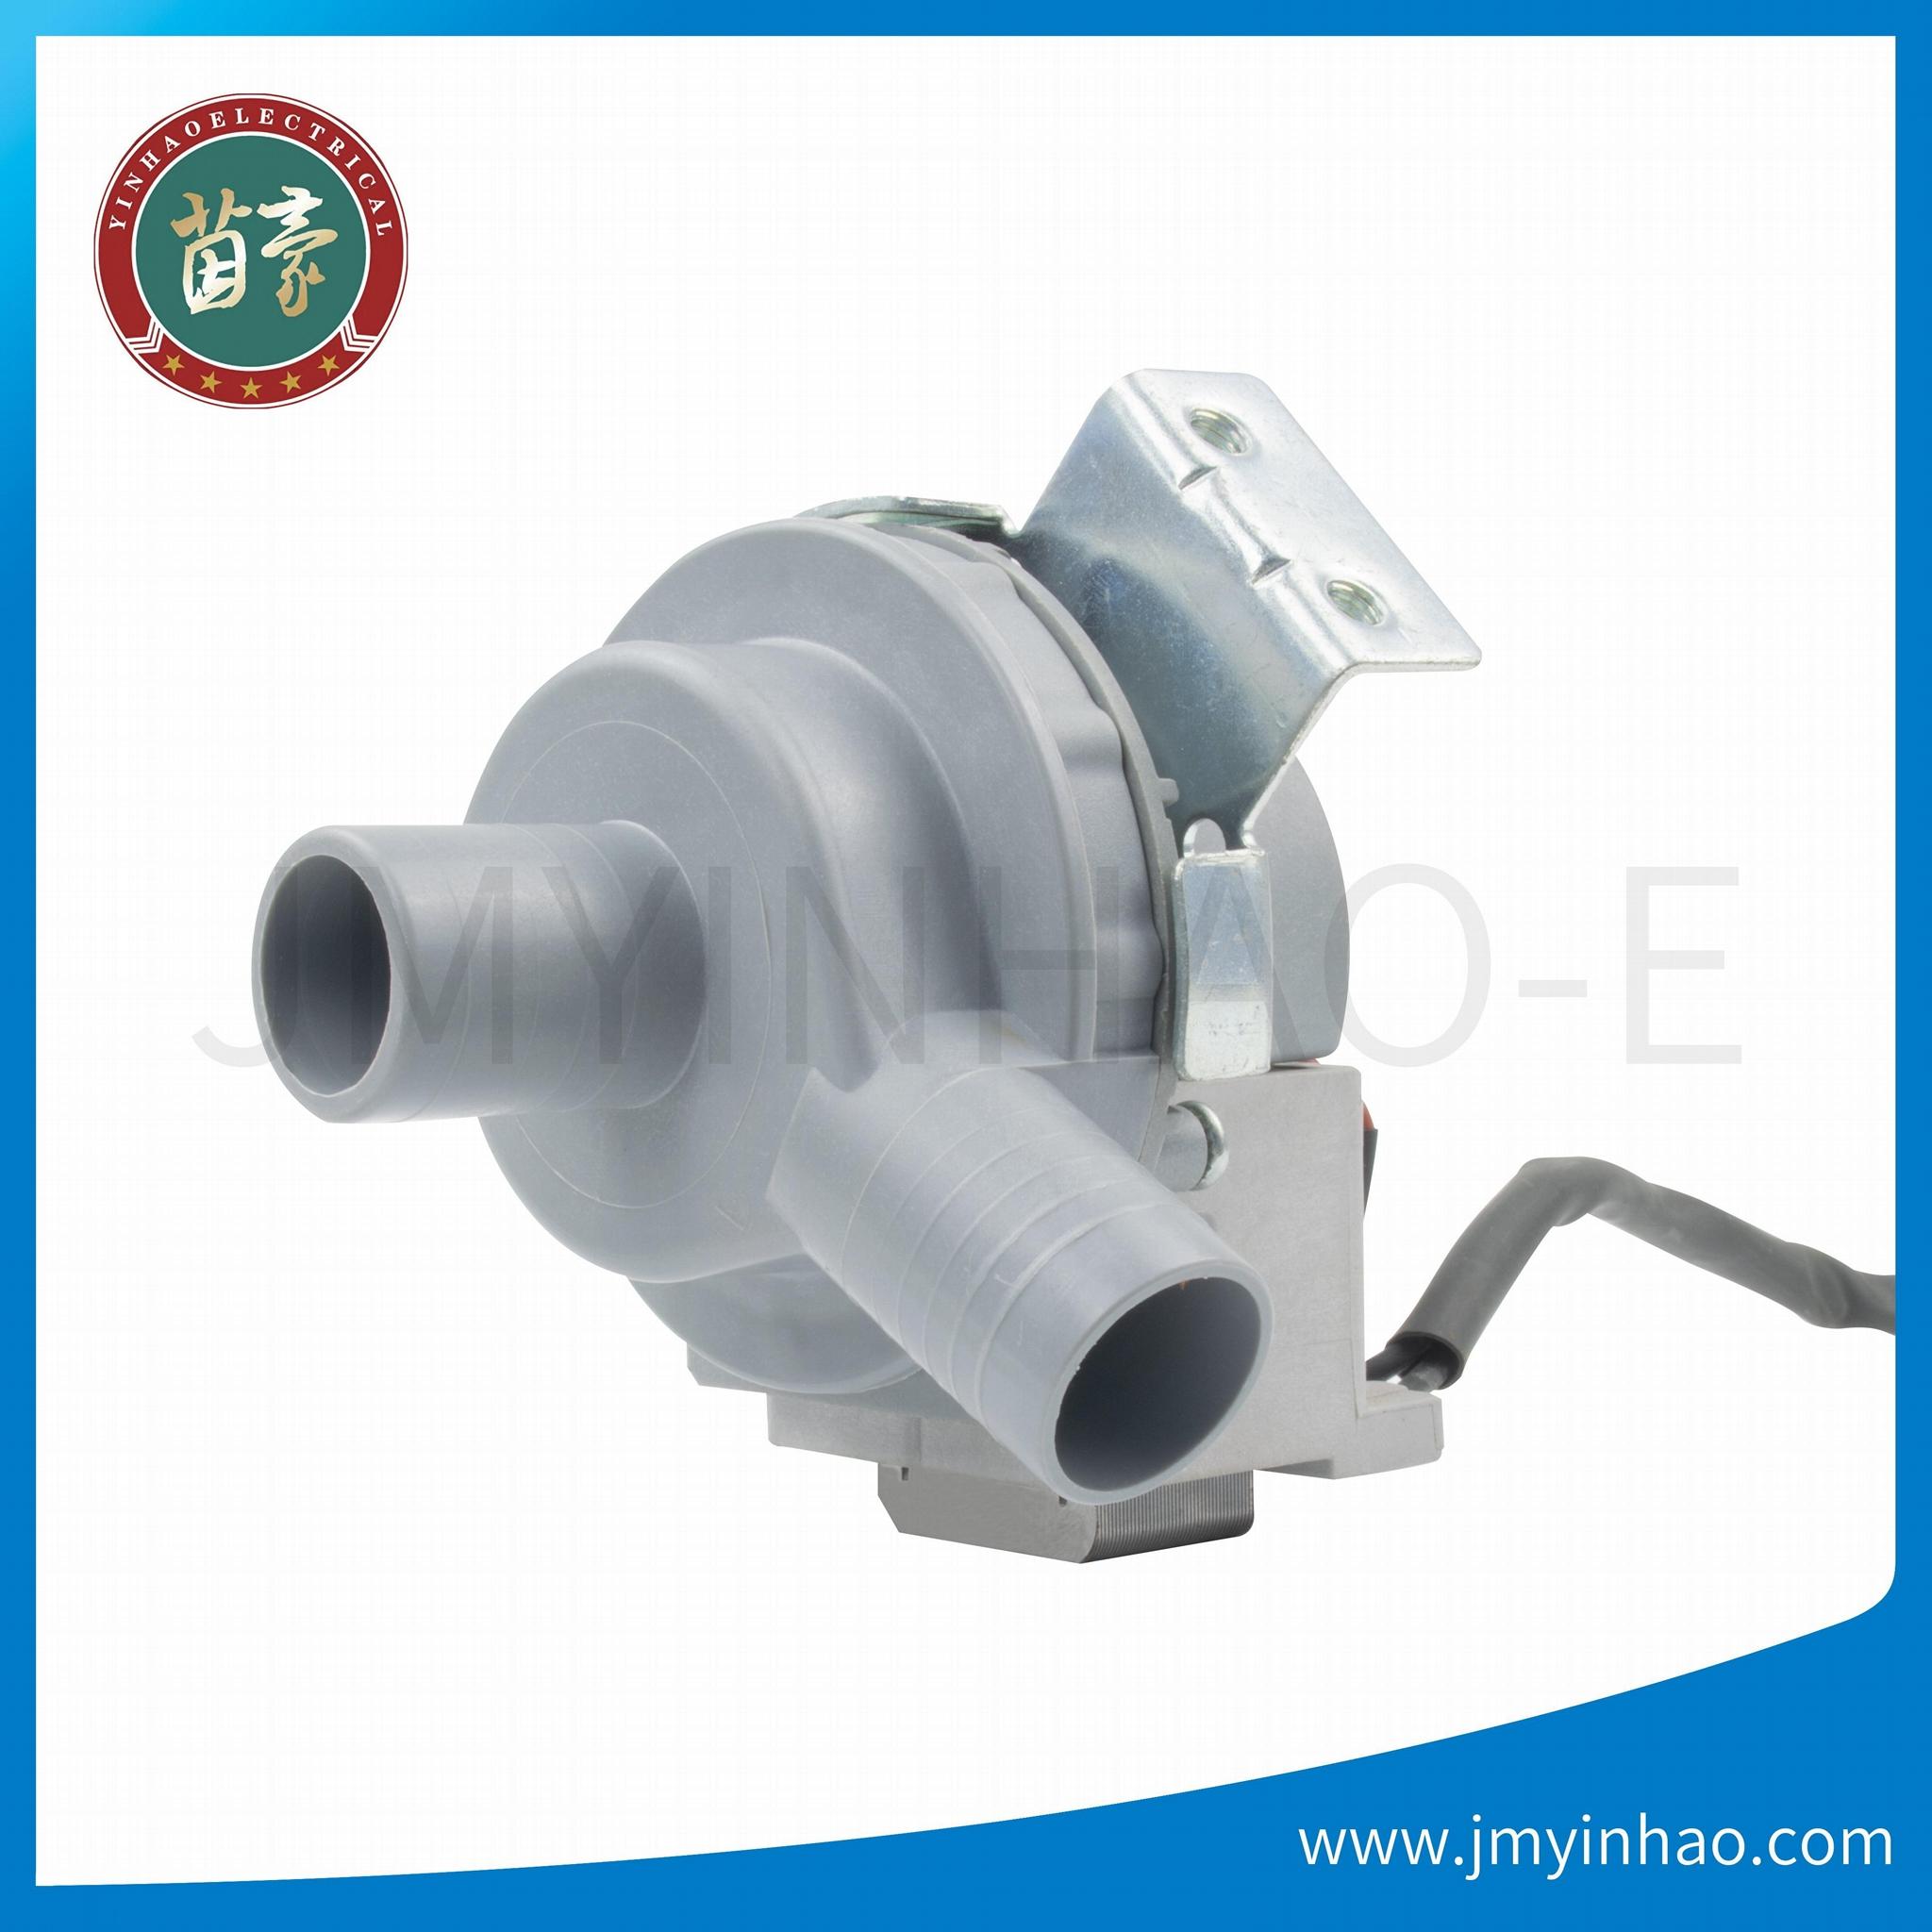 220V 滚筒洗衣机排水泵同步电机 1